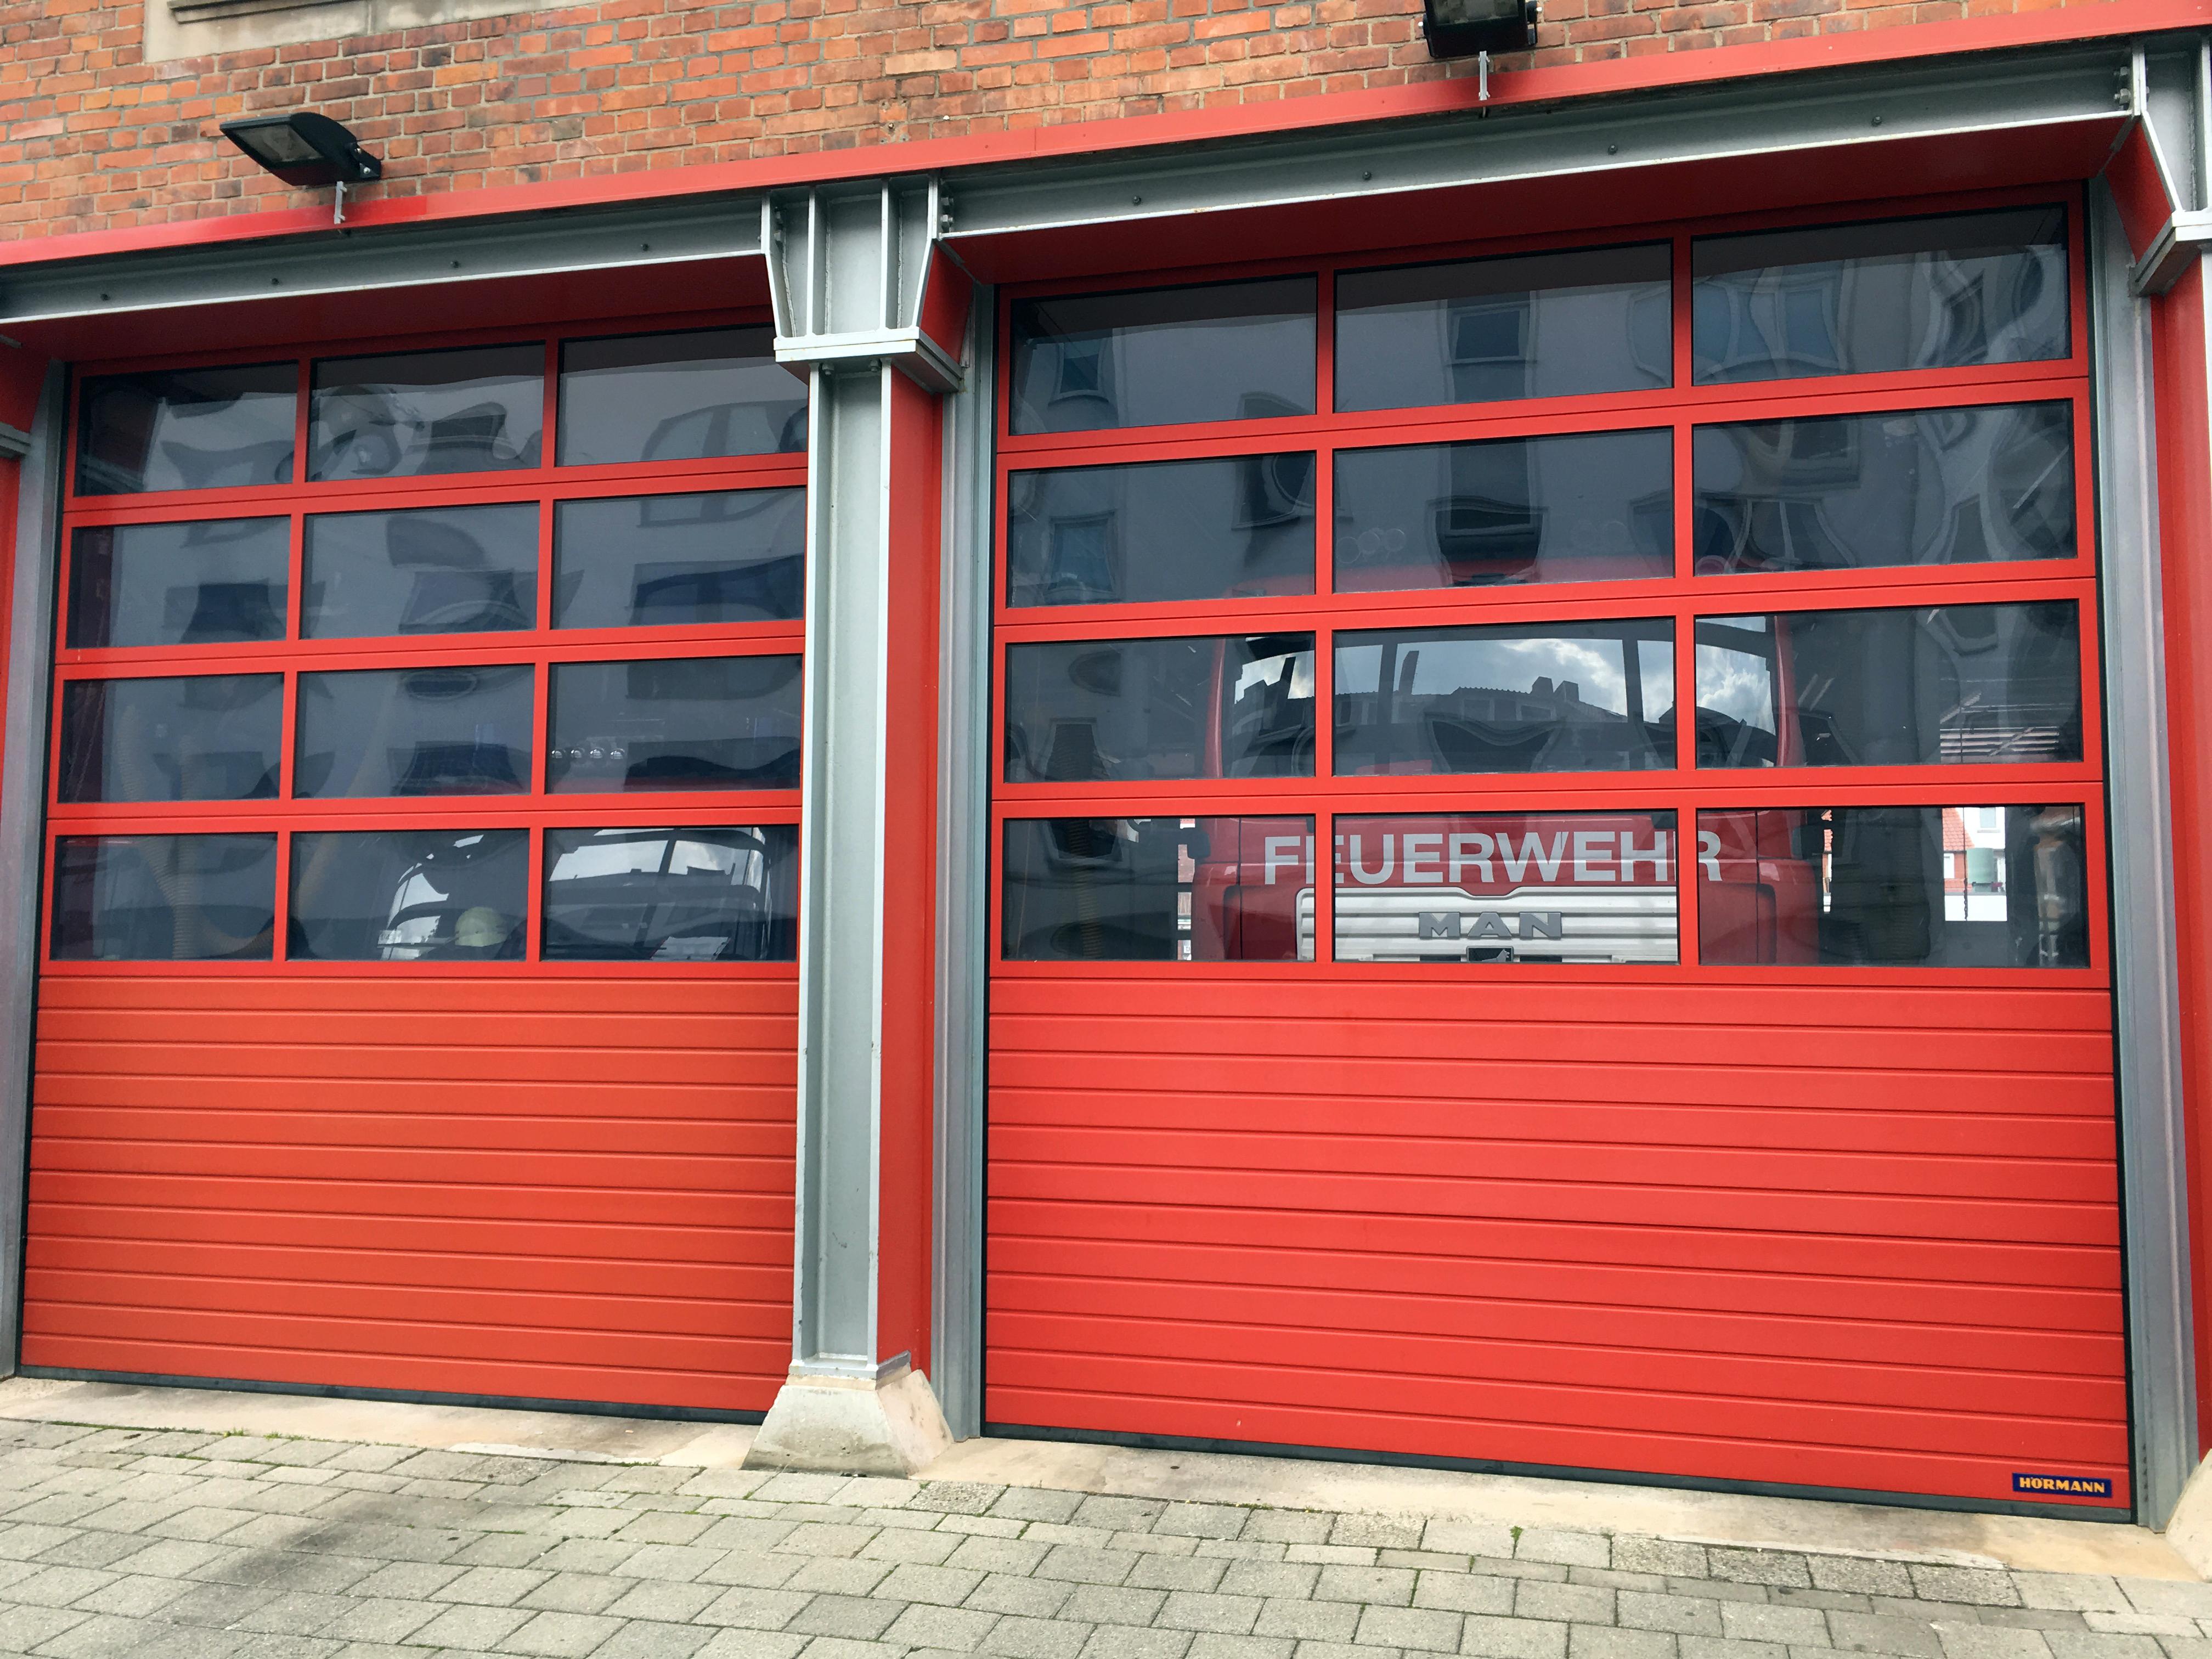 Feuerwehrautos, die hinter einem roten Feuerwehrtor stehen